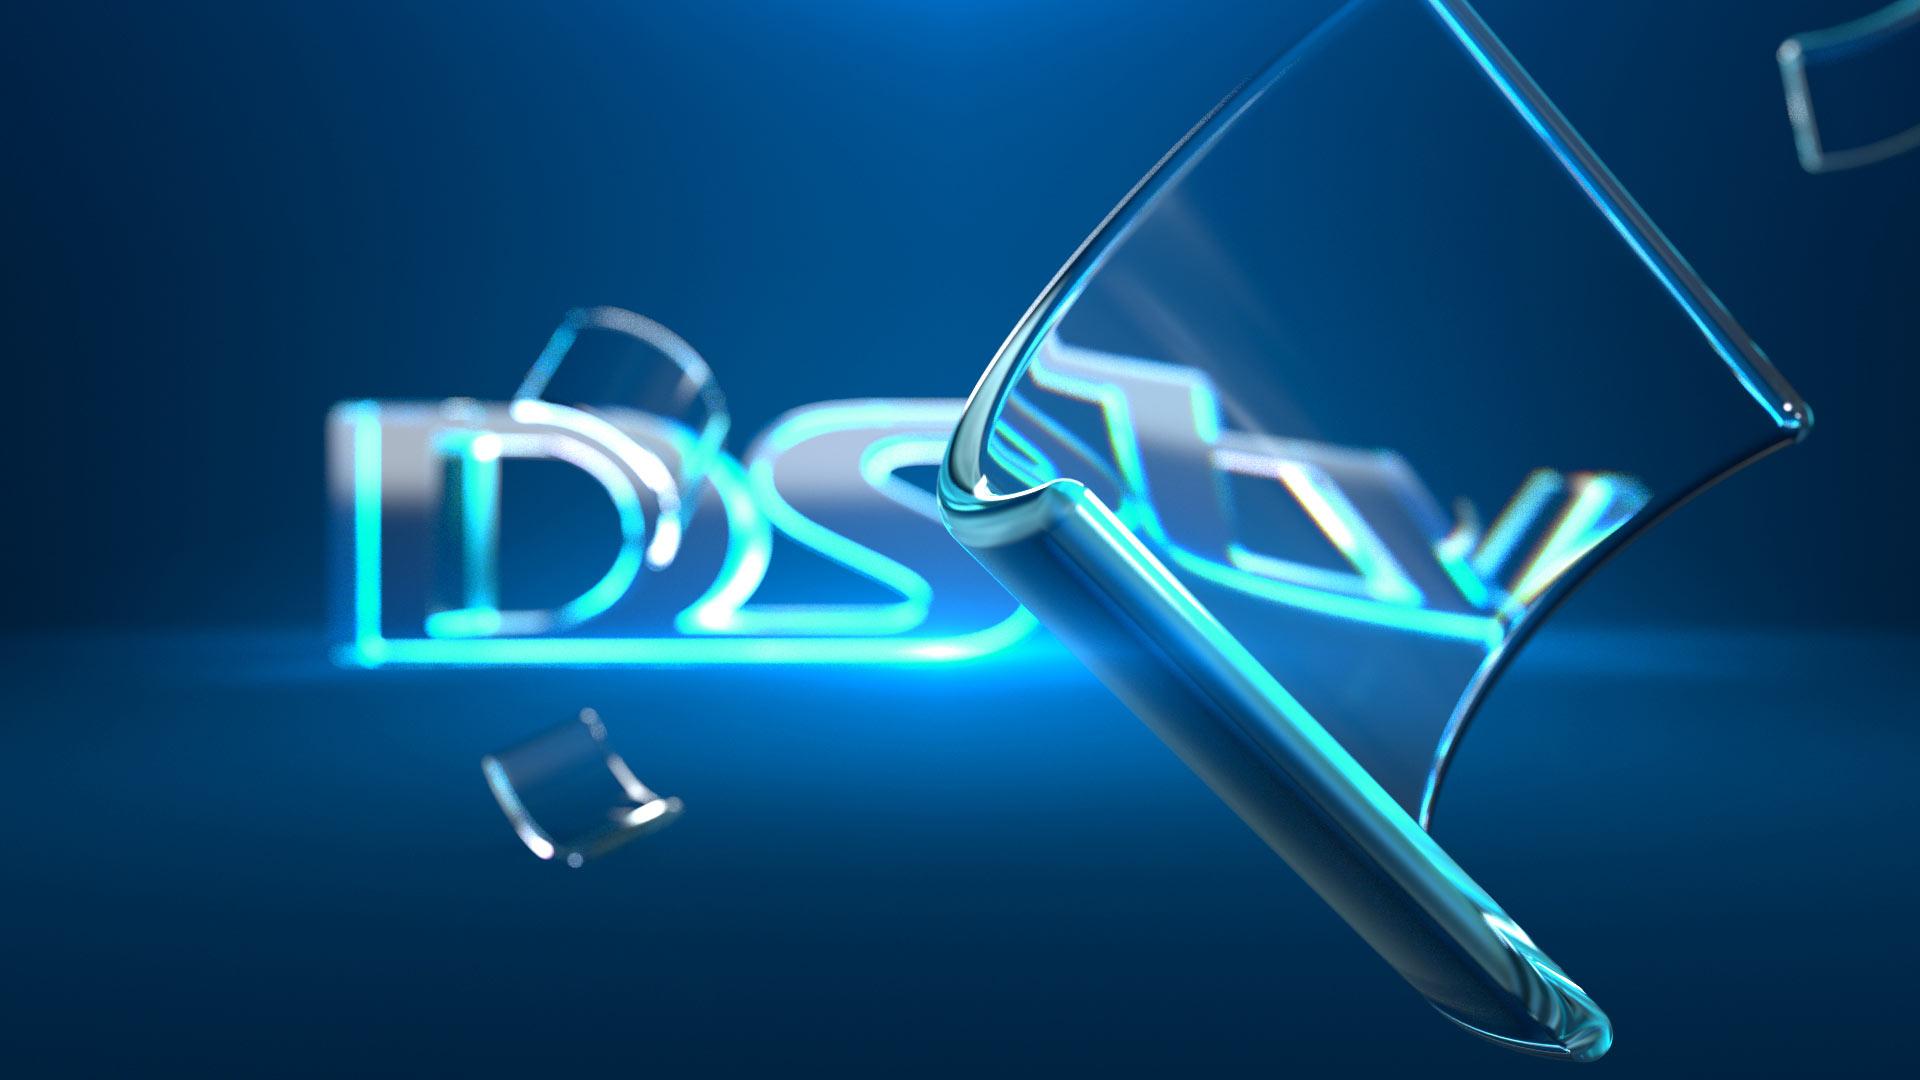 Dstv_glass_3